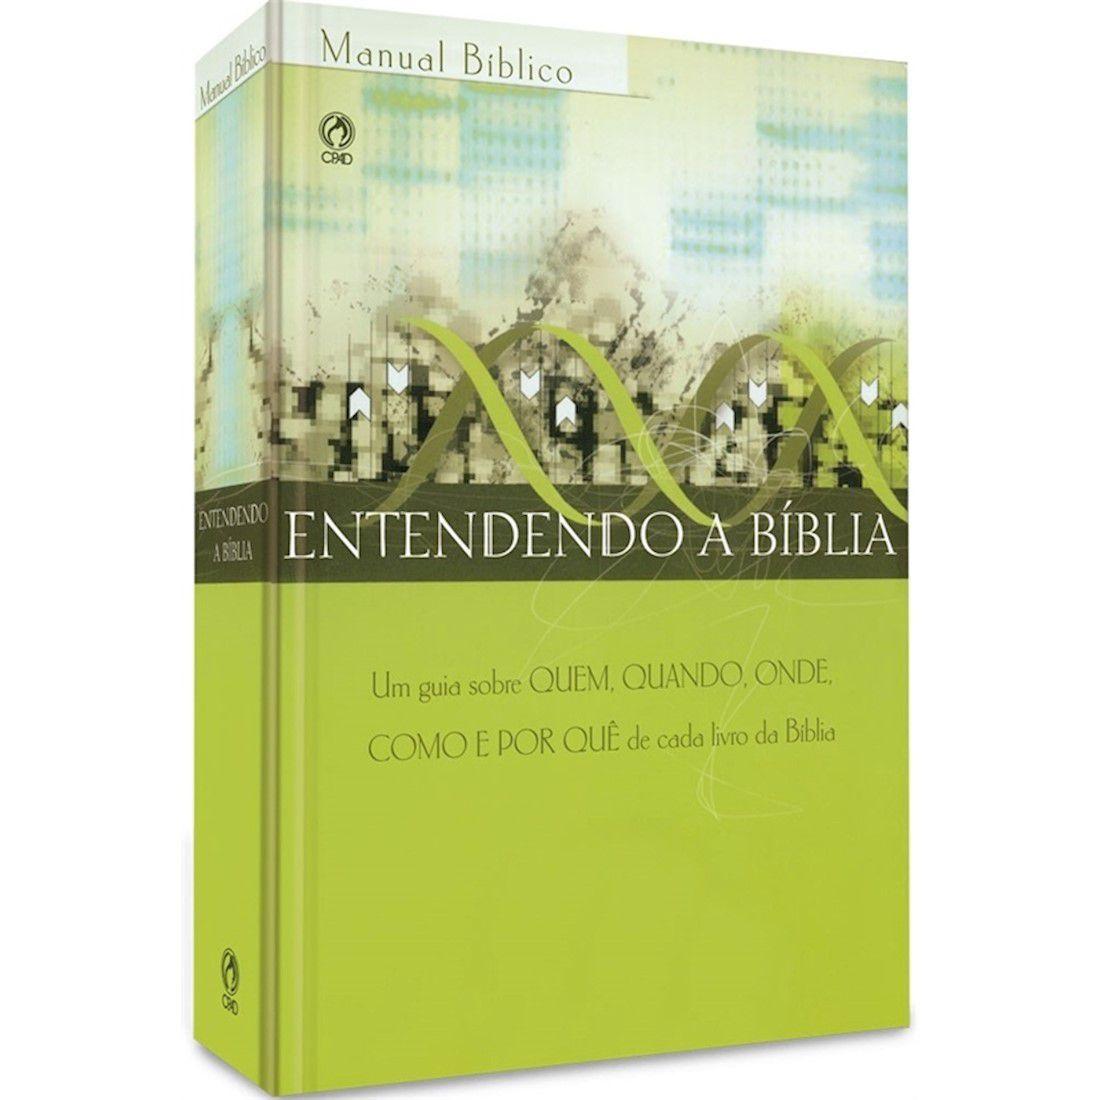 Livro Manual Bíblico - Entendendo a Bíblia